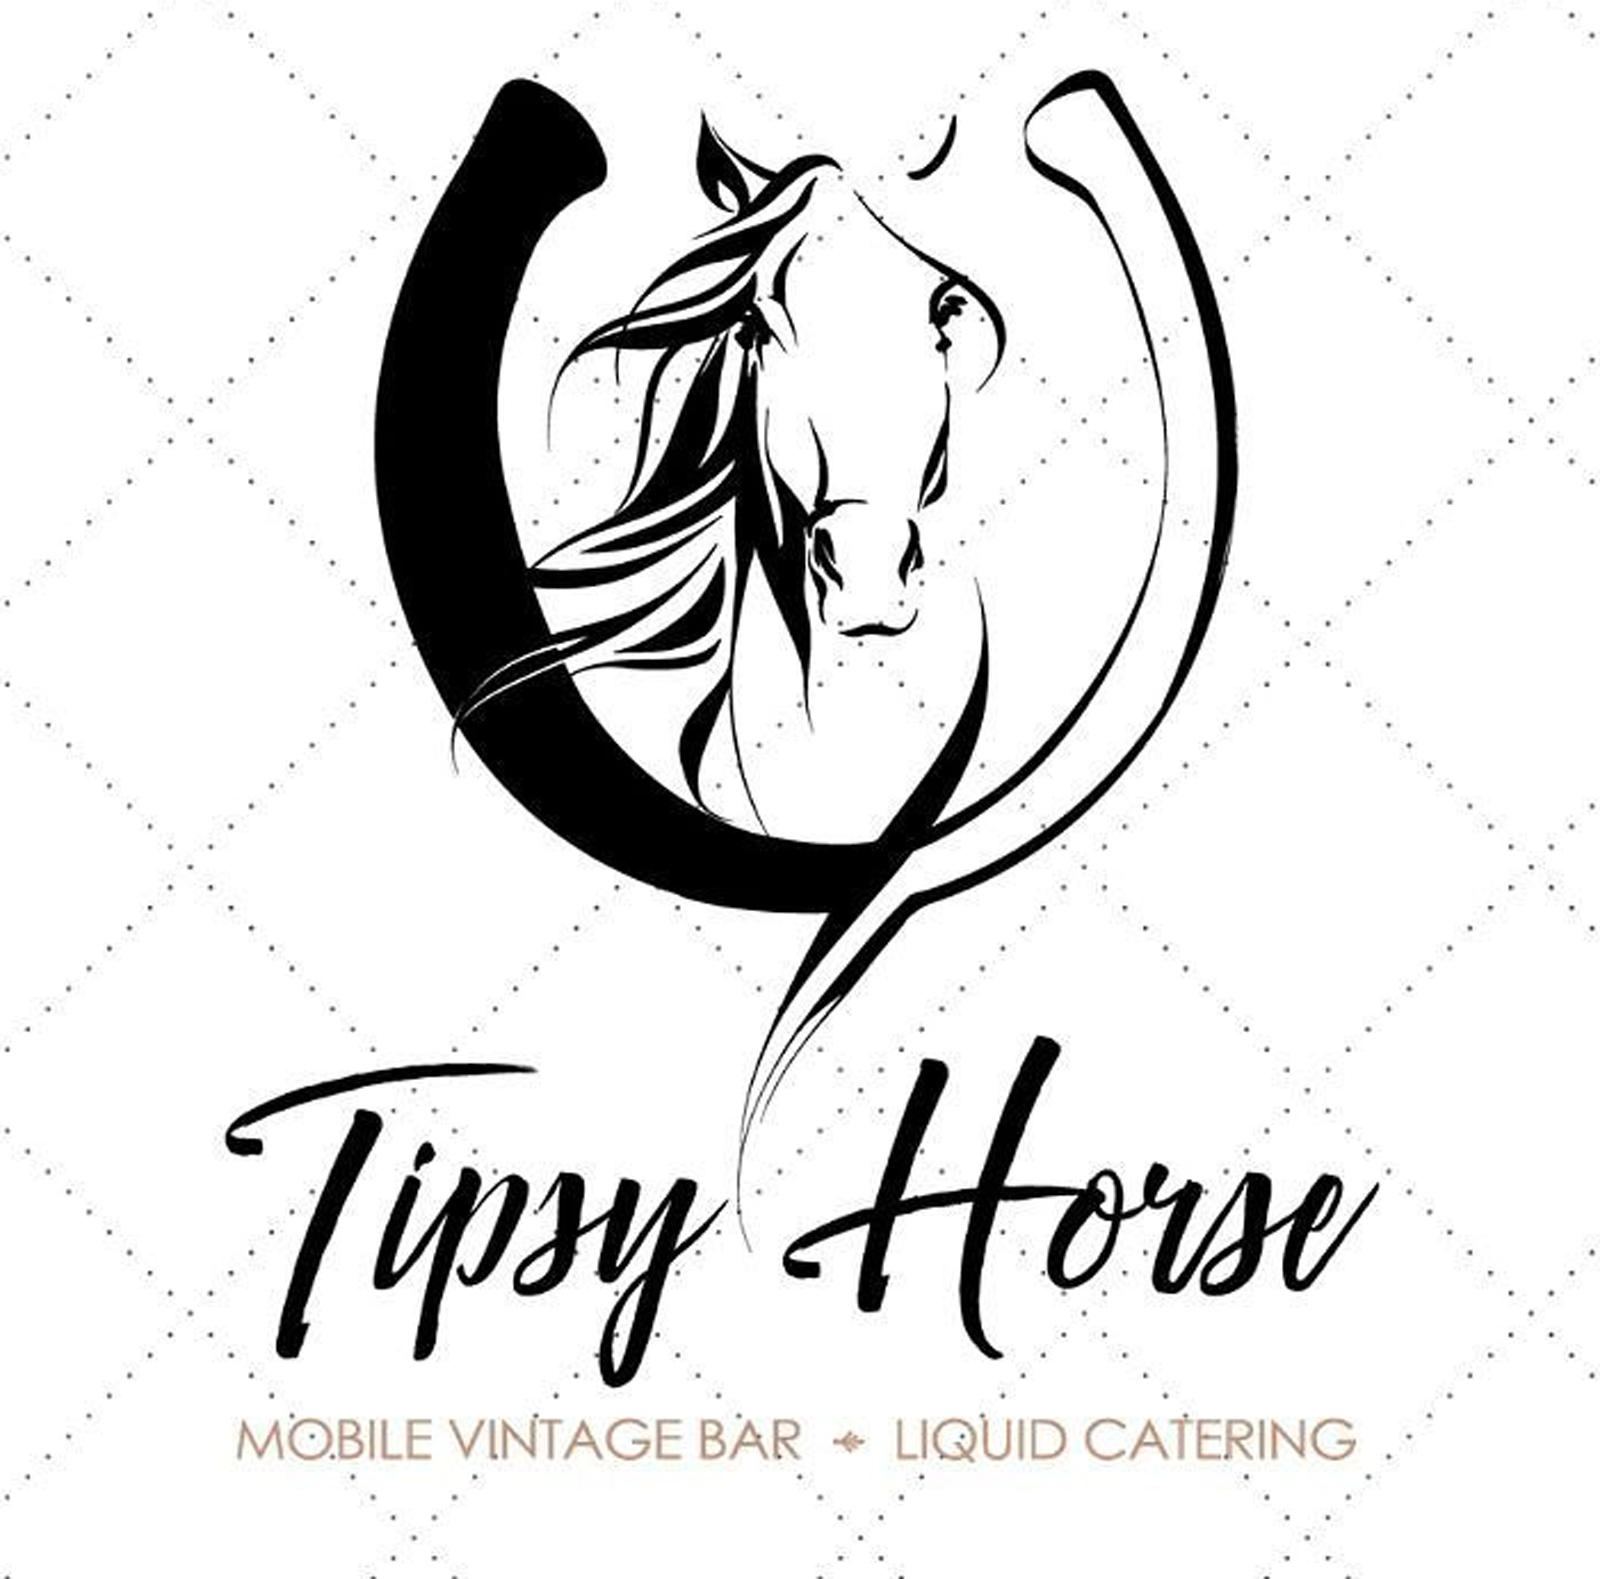 Tipsy Horse